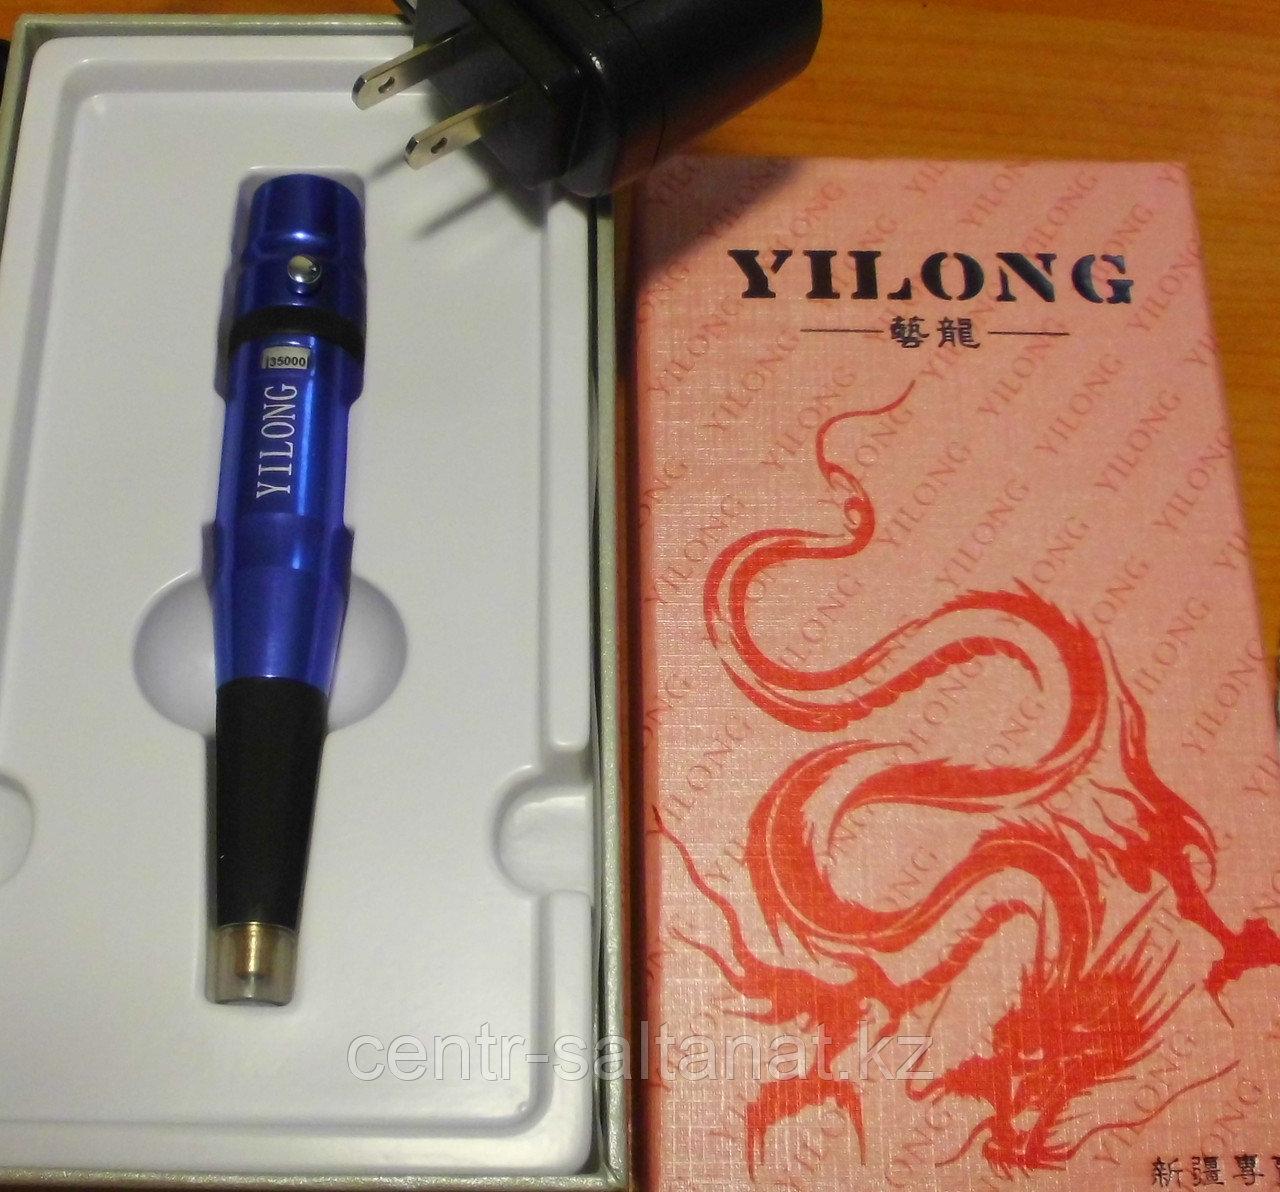 Машинка для татуажа Yilong, перманентного макияжа